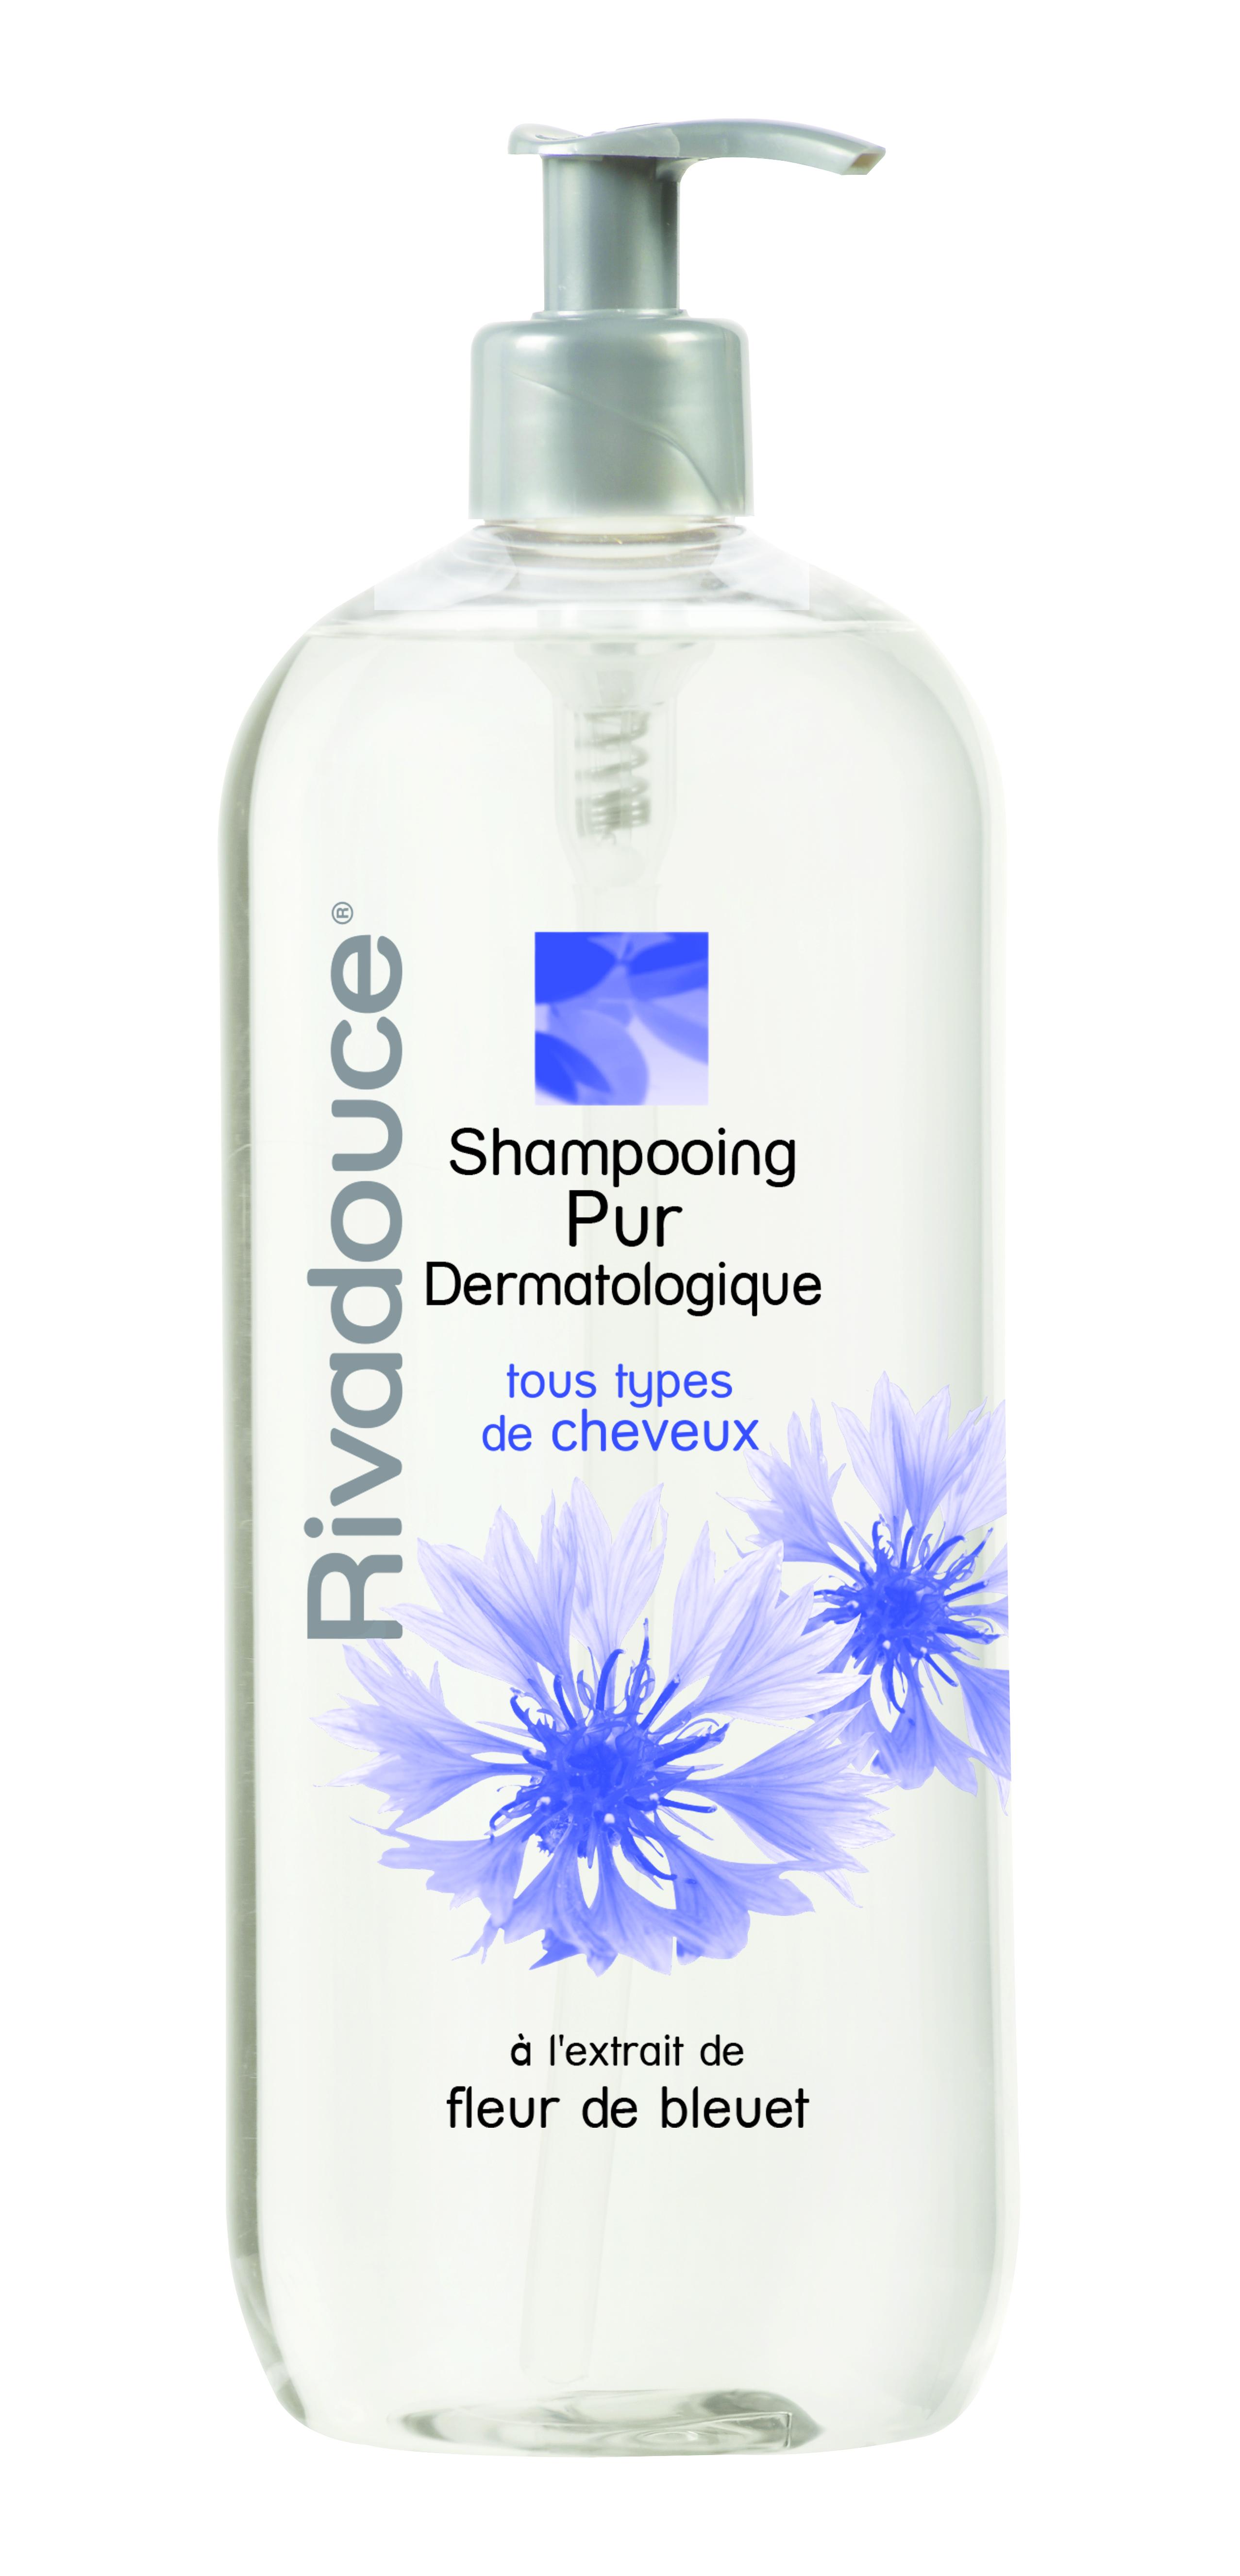 Lot De 1000 Etiquettes Prix Ficelle Blanche 3 Tailles: Shampooing Pur Dermatologique Rivadouce